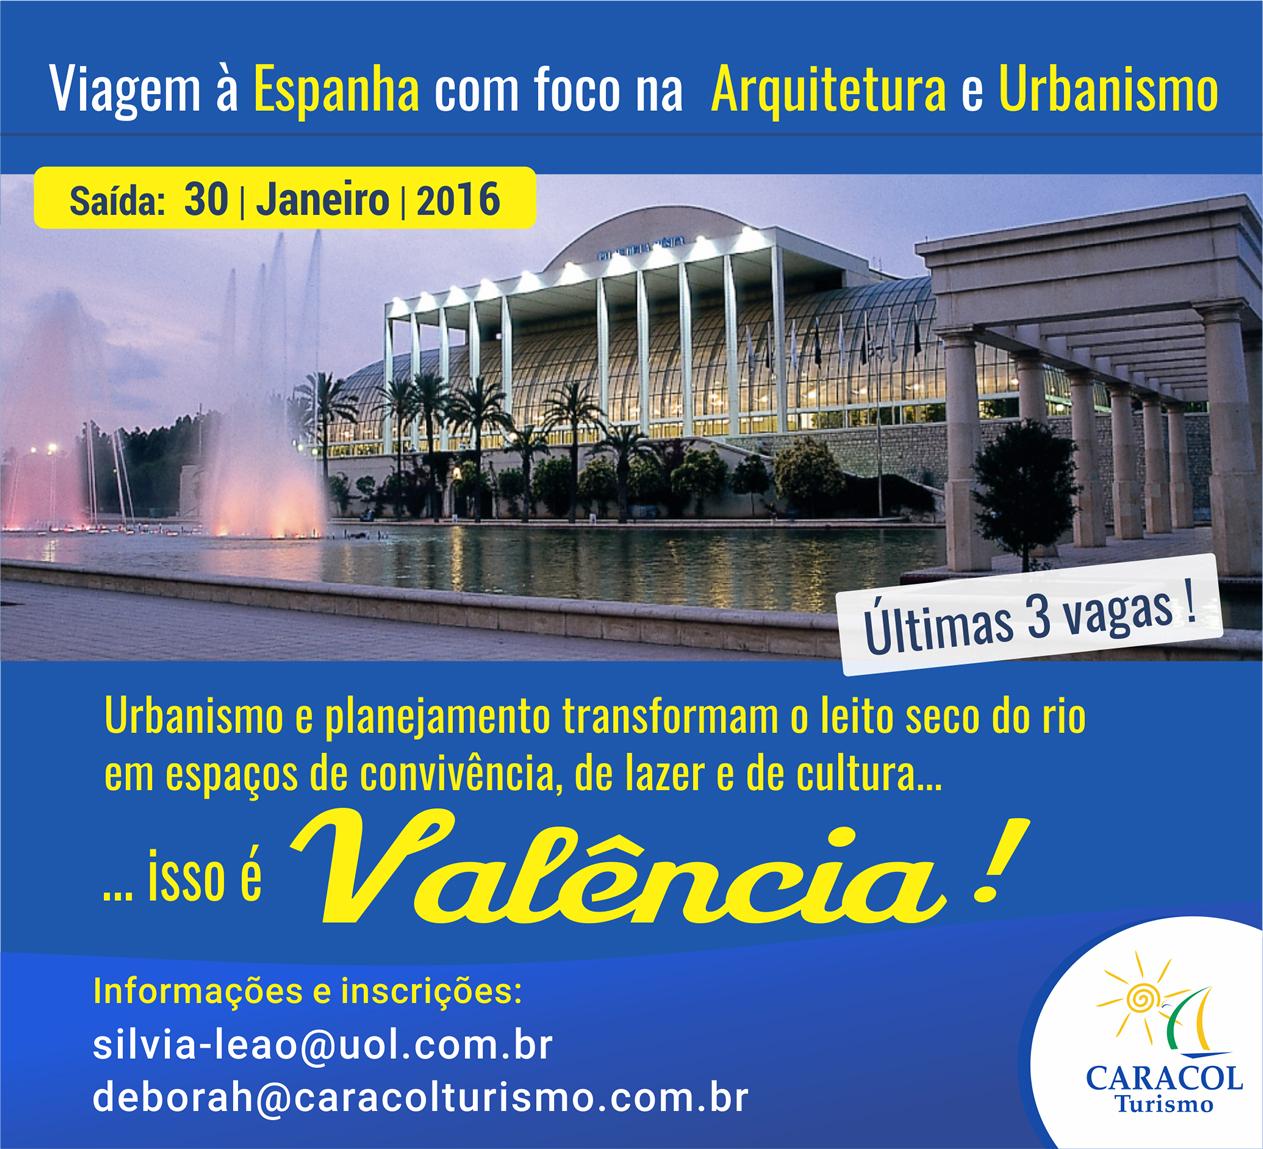 UFRGS promove viagem de estudos à Espanha